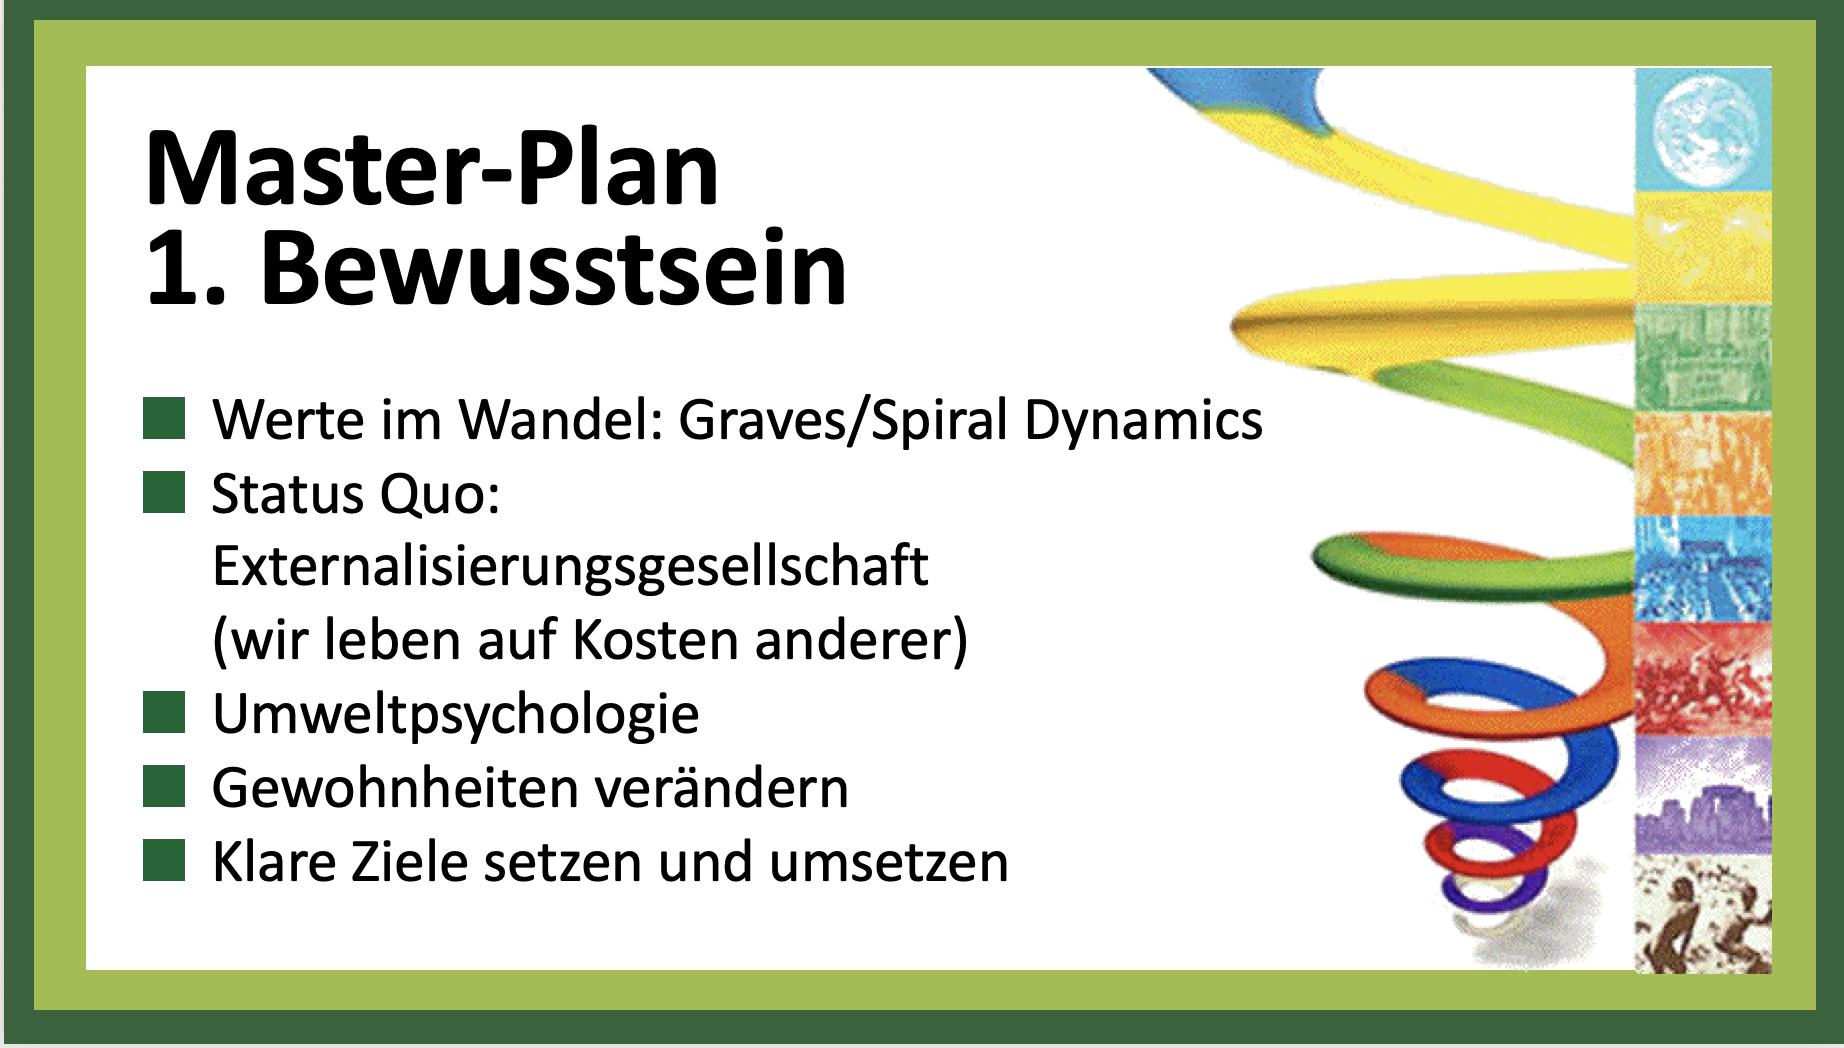 Master-Plan 1